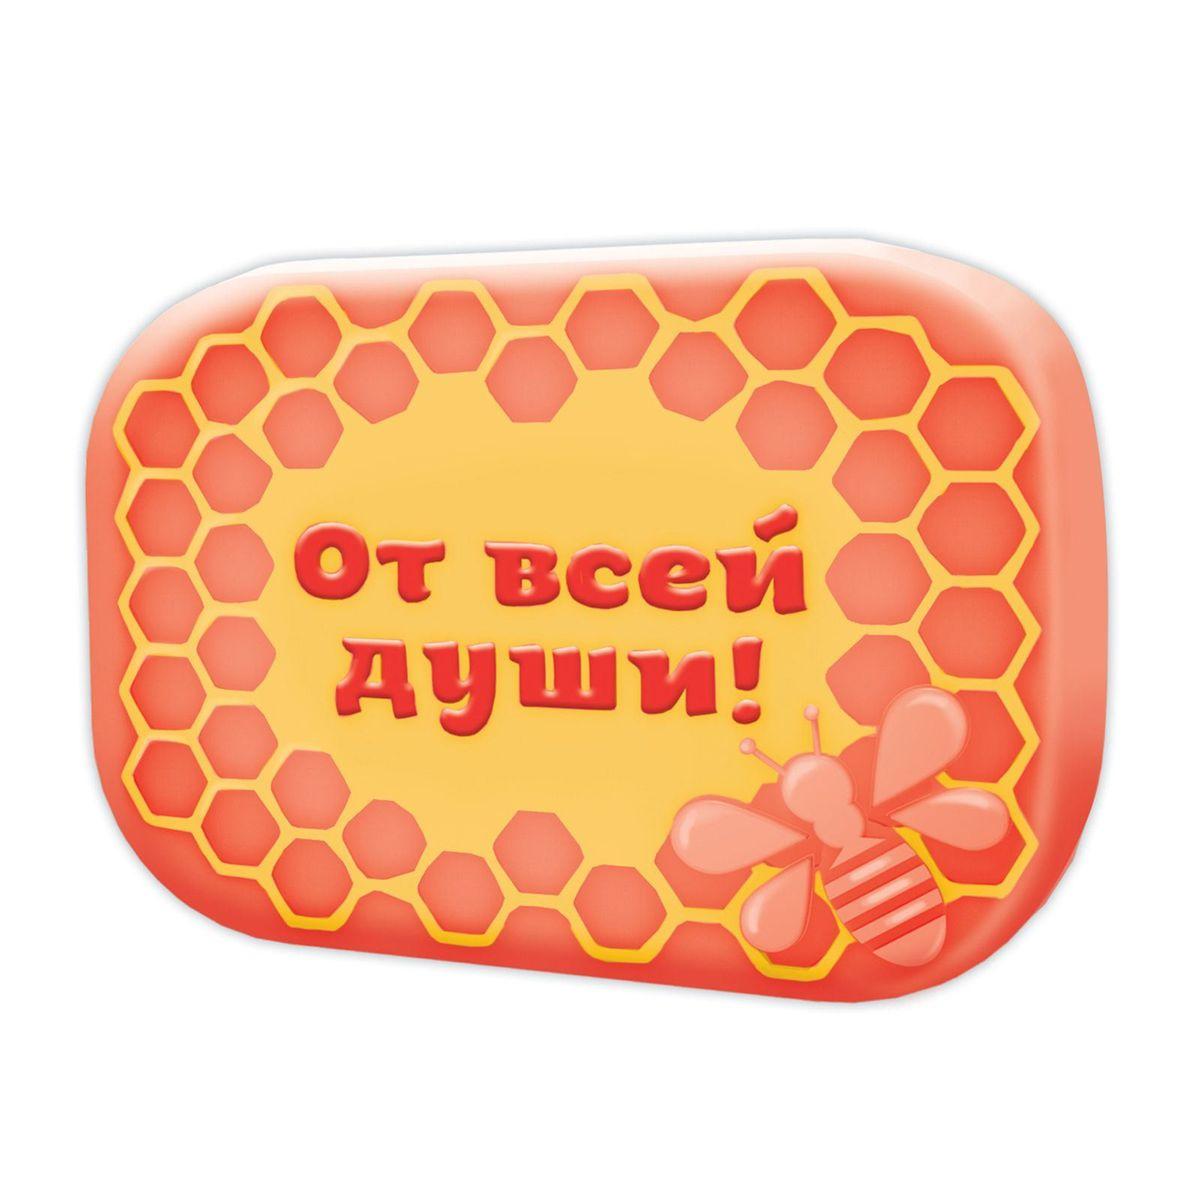 Формочка для мыловарения От всей души!. 11853551185355